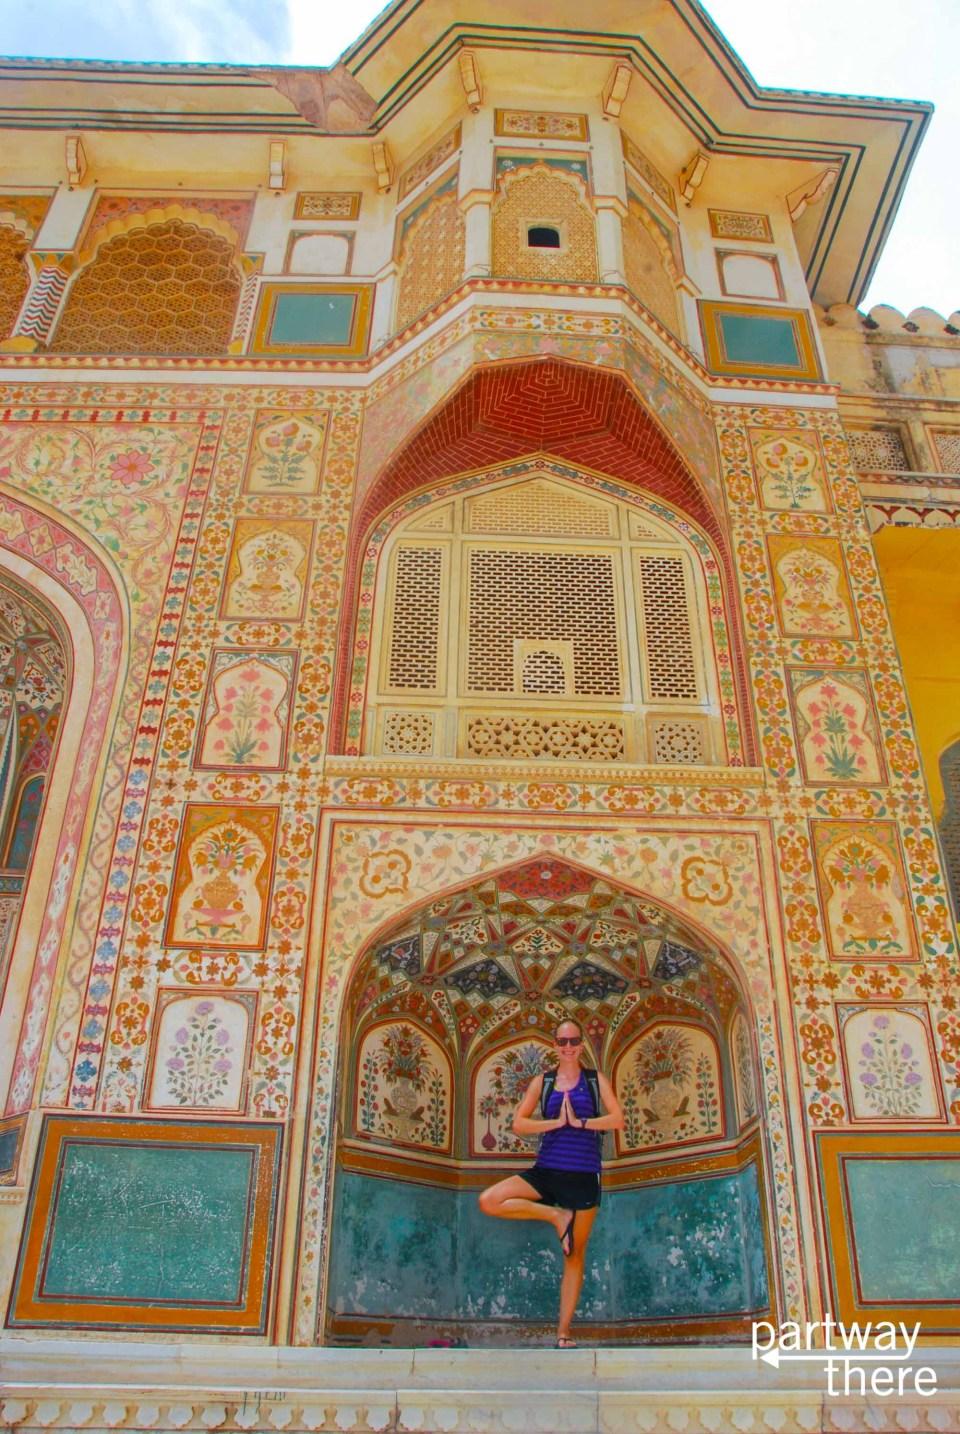 Amanda Plewes at a fort in Jaipur